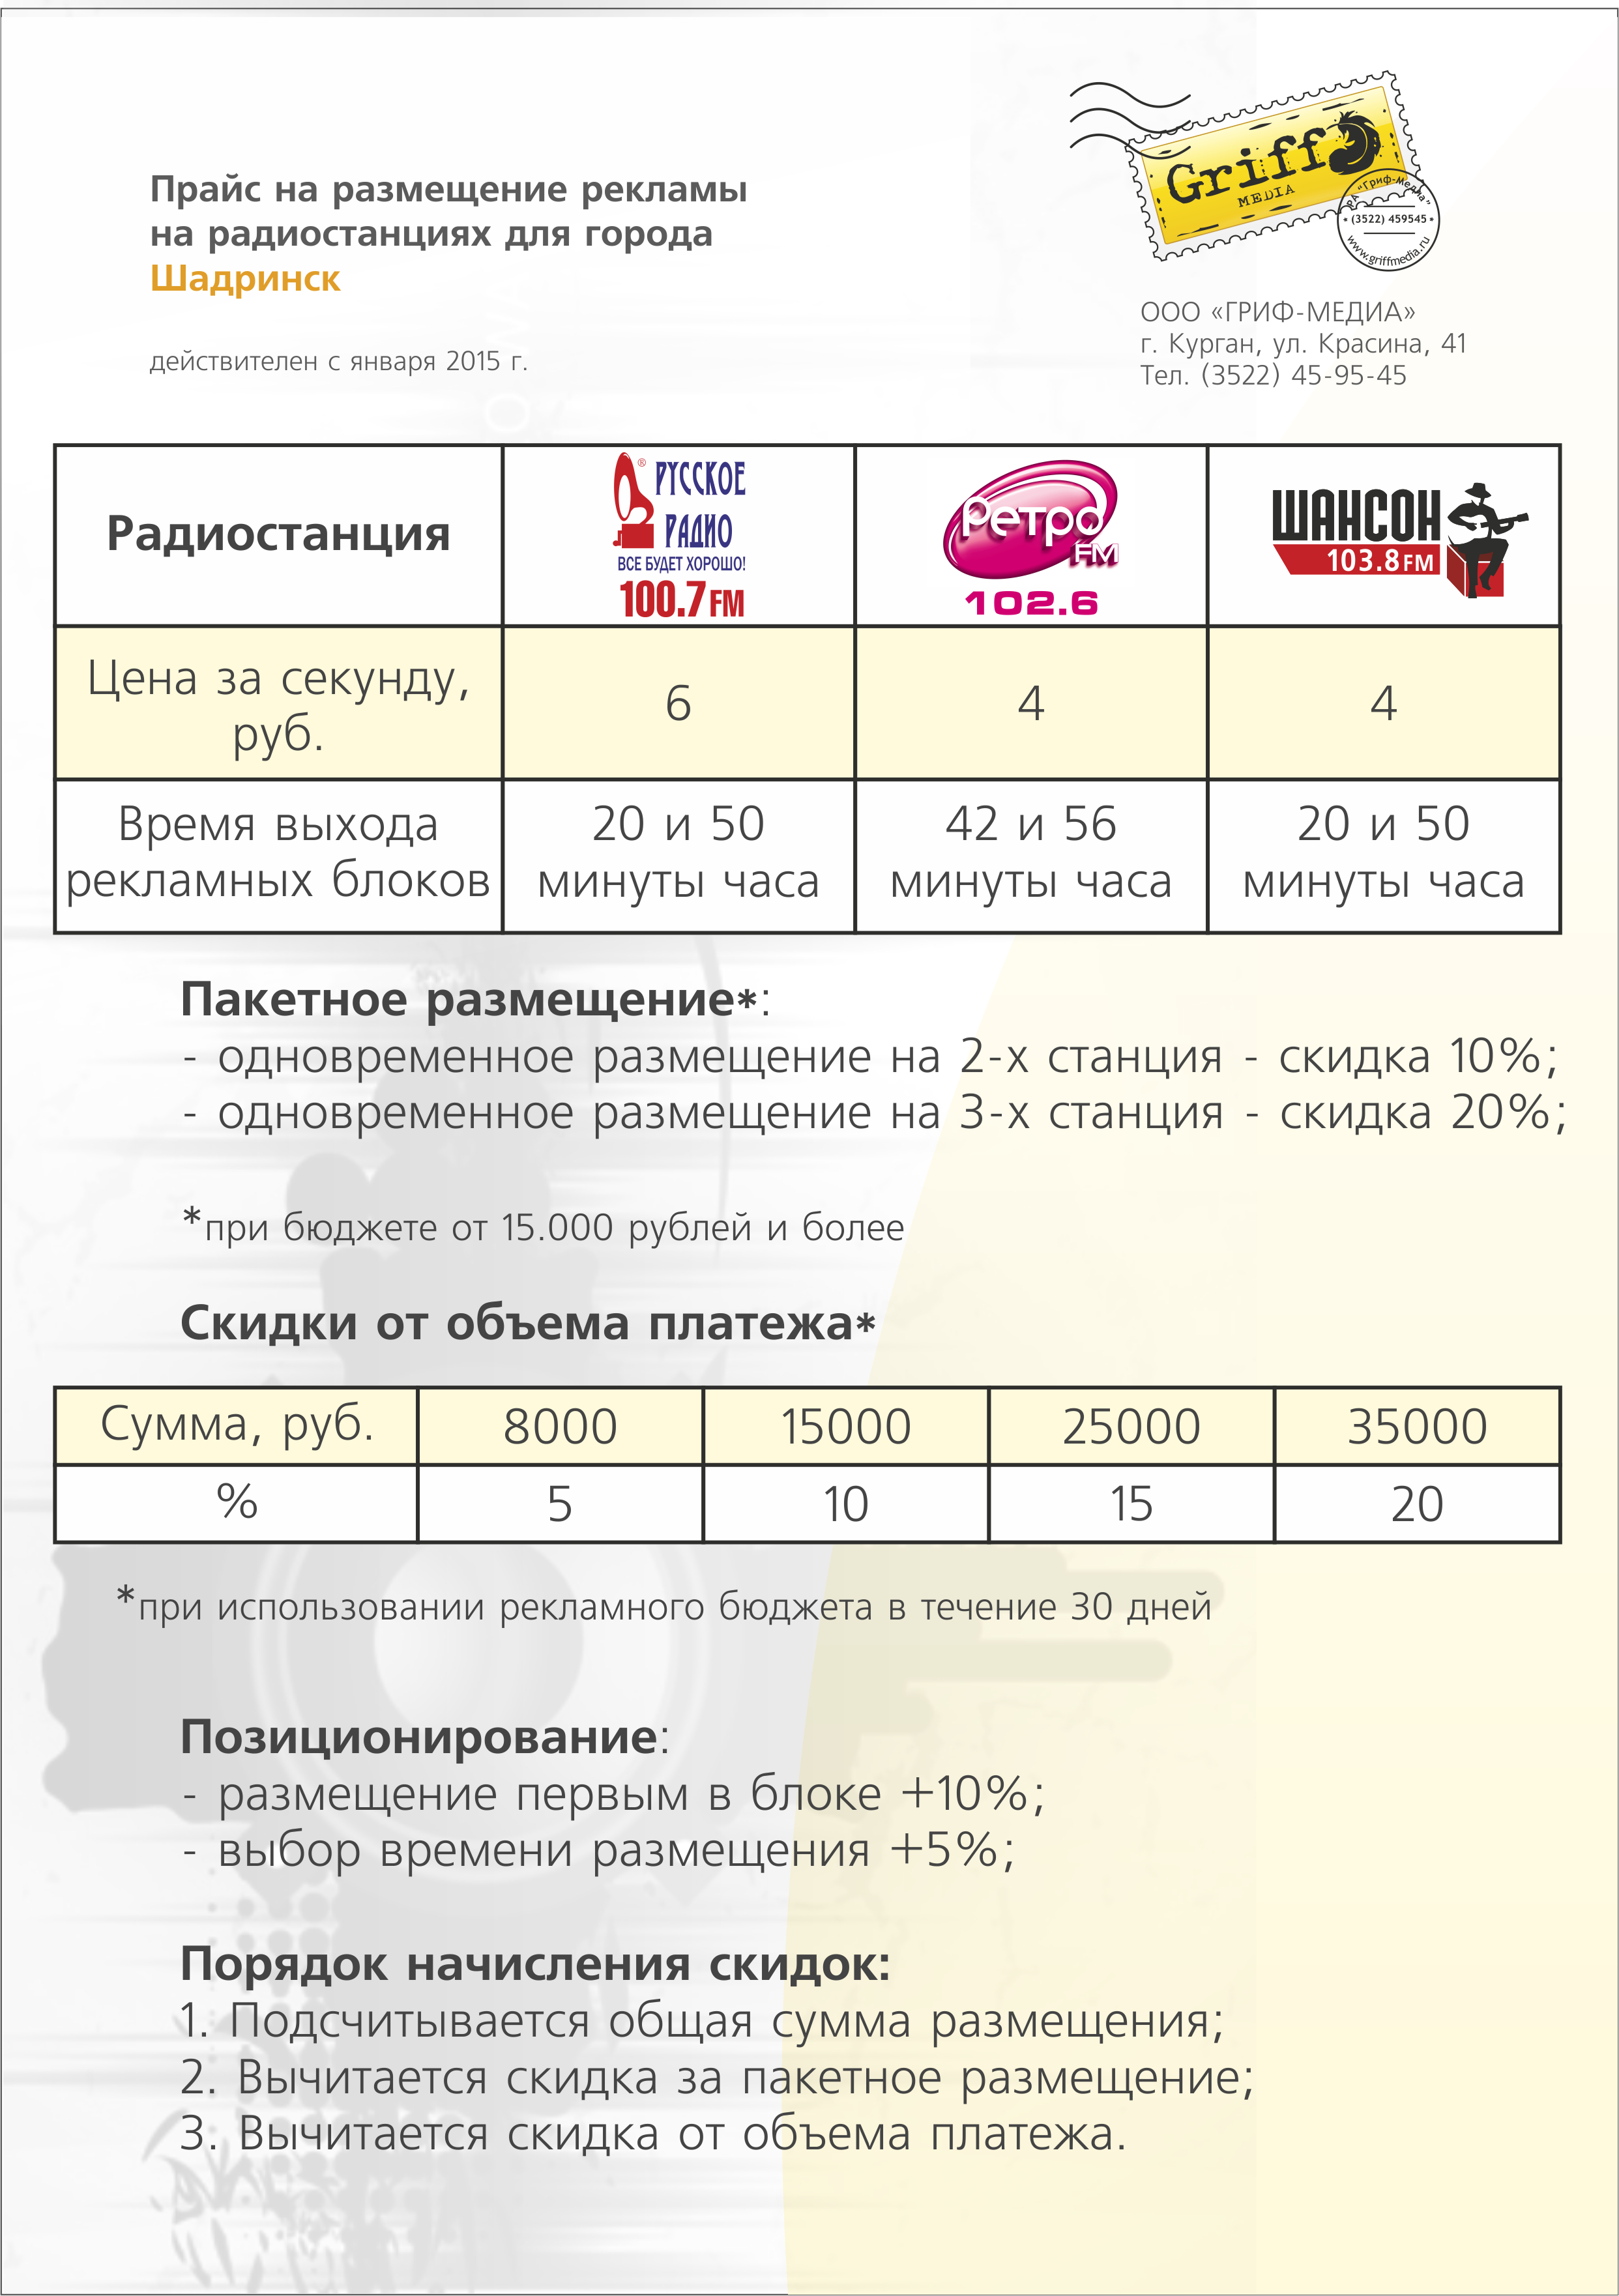 радио русская служба новостей официальный сайт